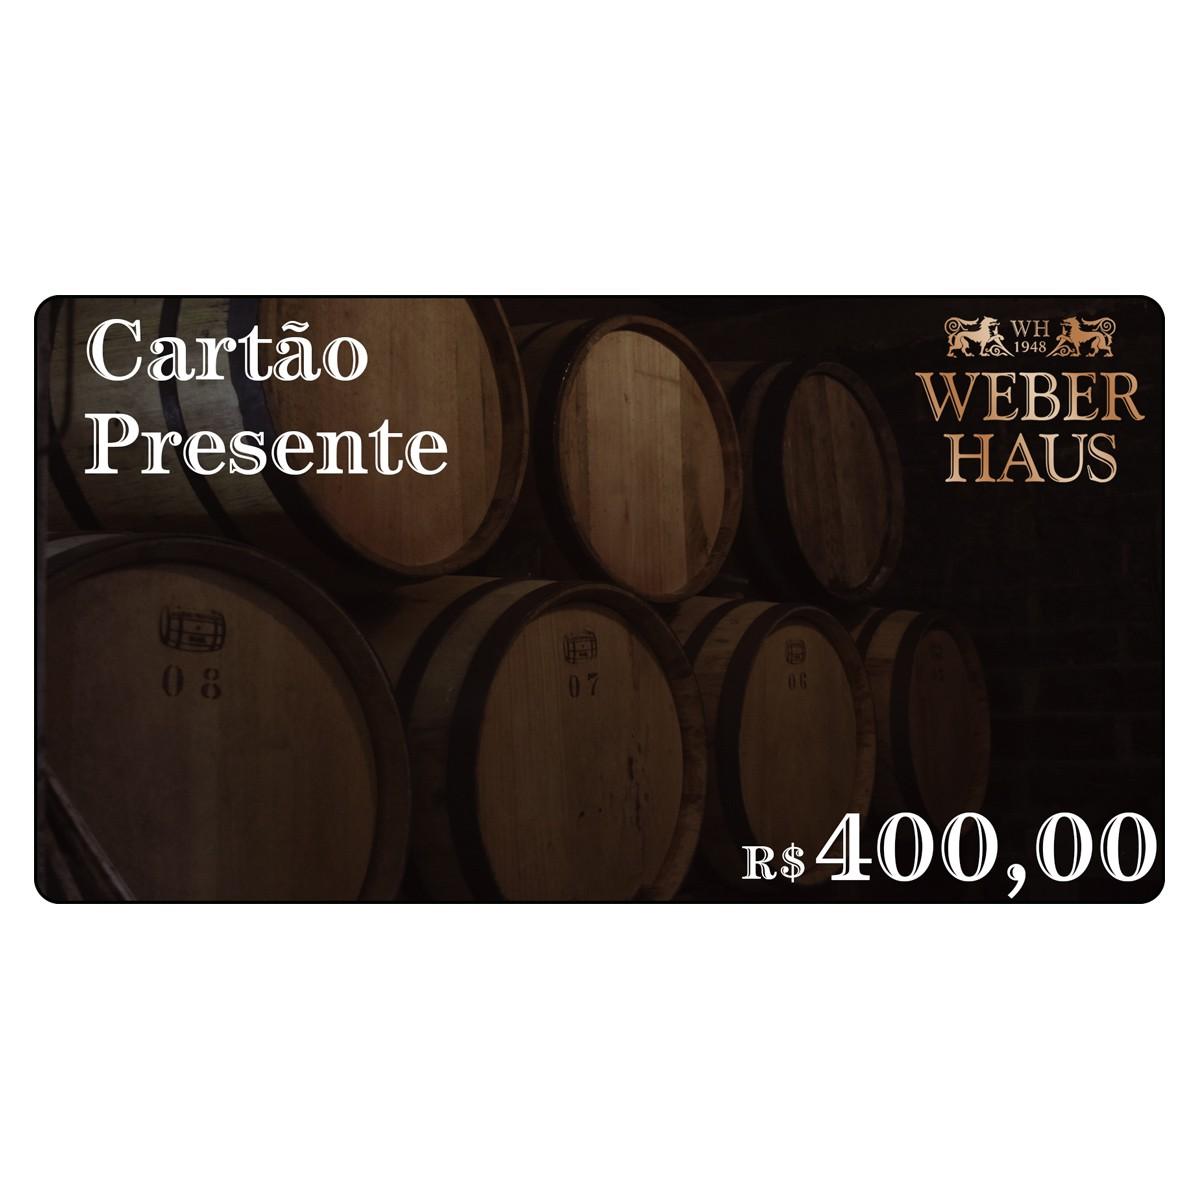 Cartão Presente no Valor de R$400,00